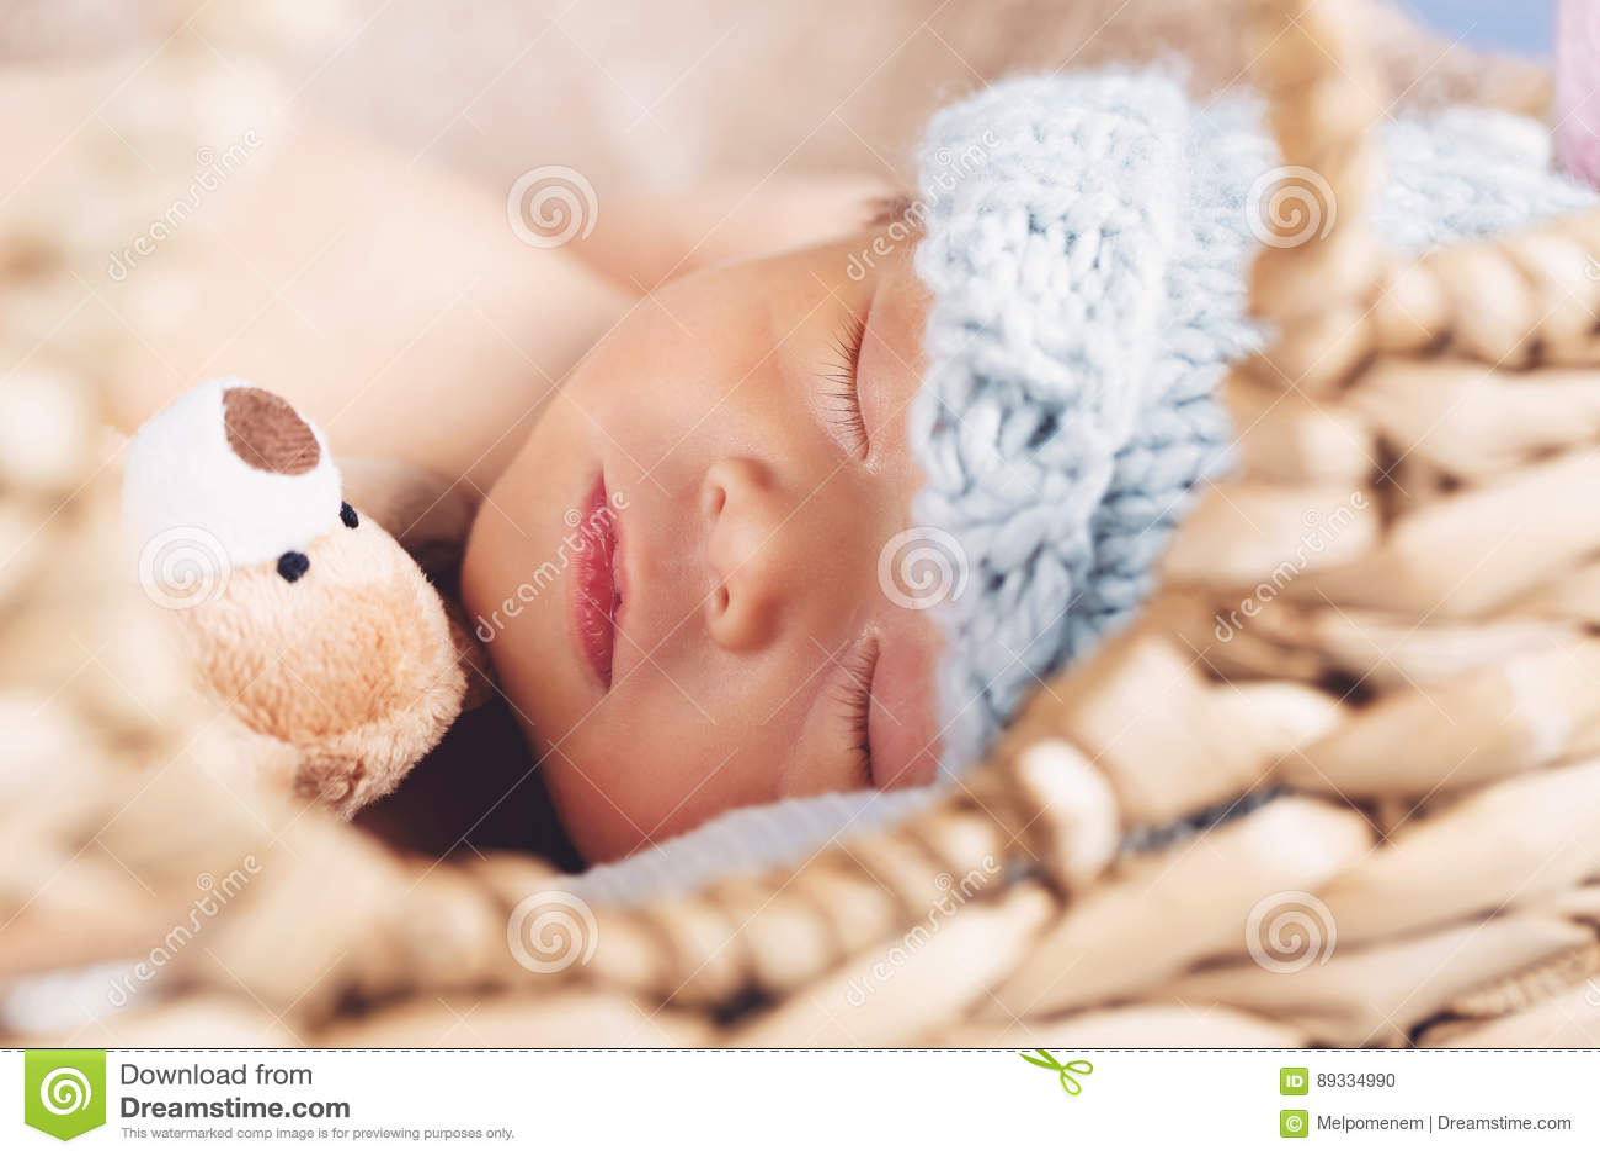 Pasgeboren Babyjongen in een Mand